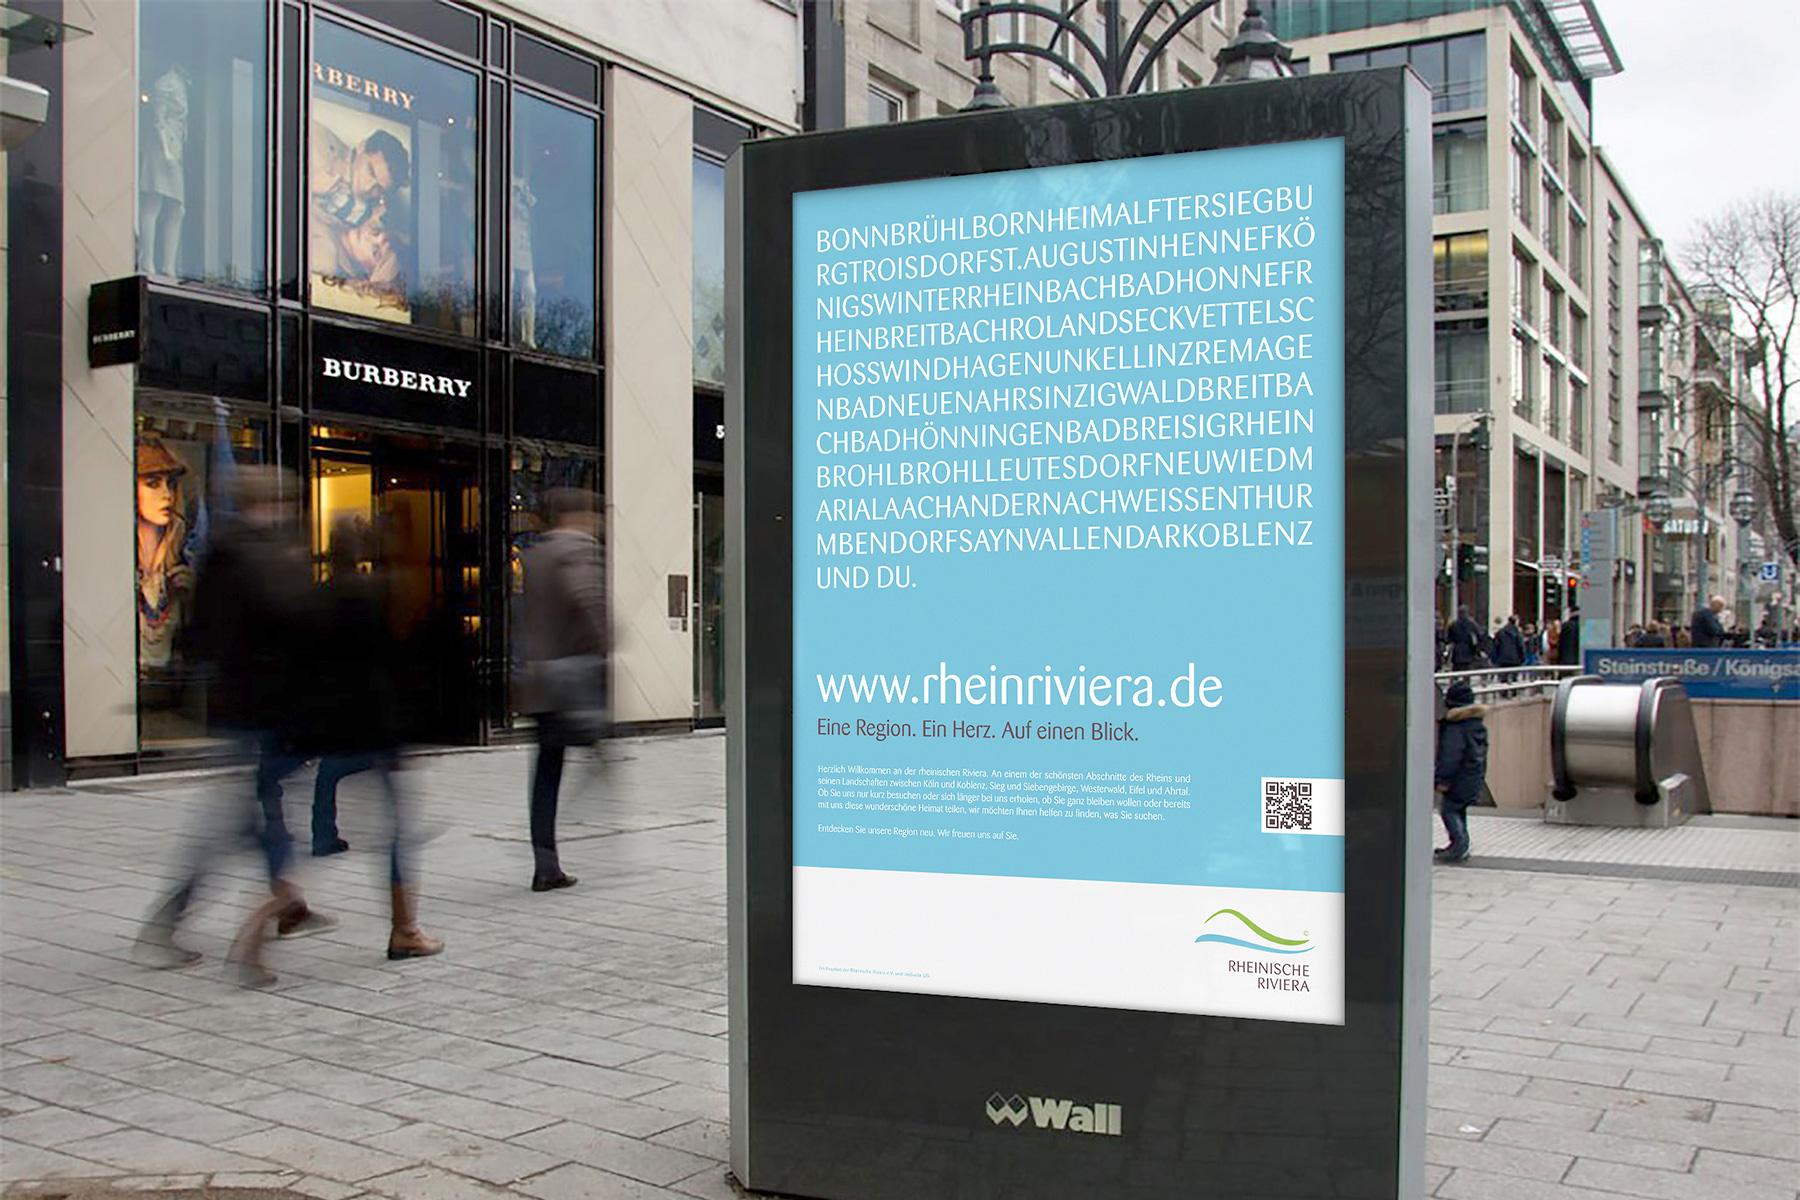 Rheinische Riviera  /  Identity, UI/UX, visuelle Kommunikation